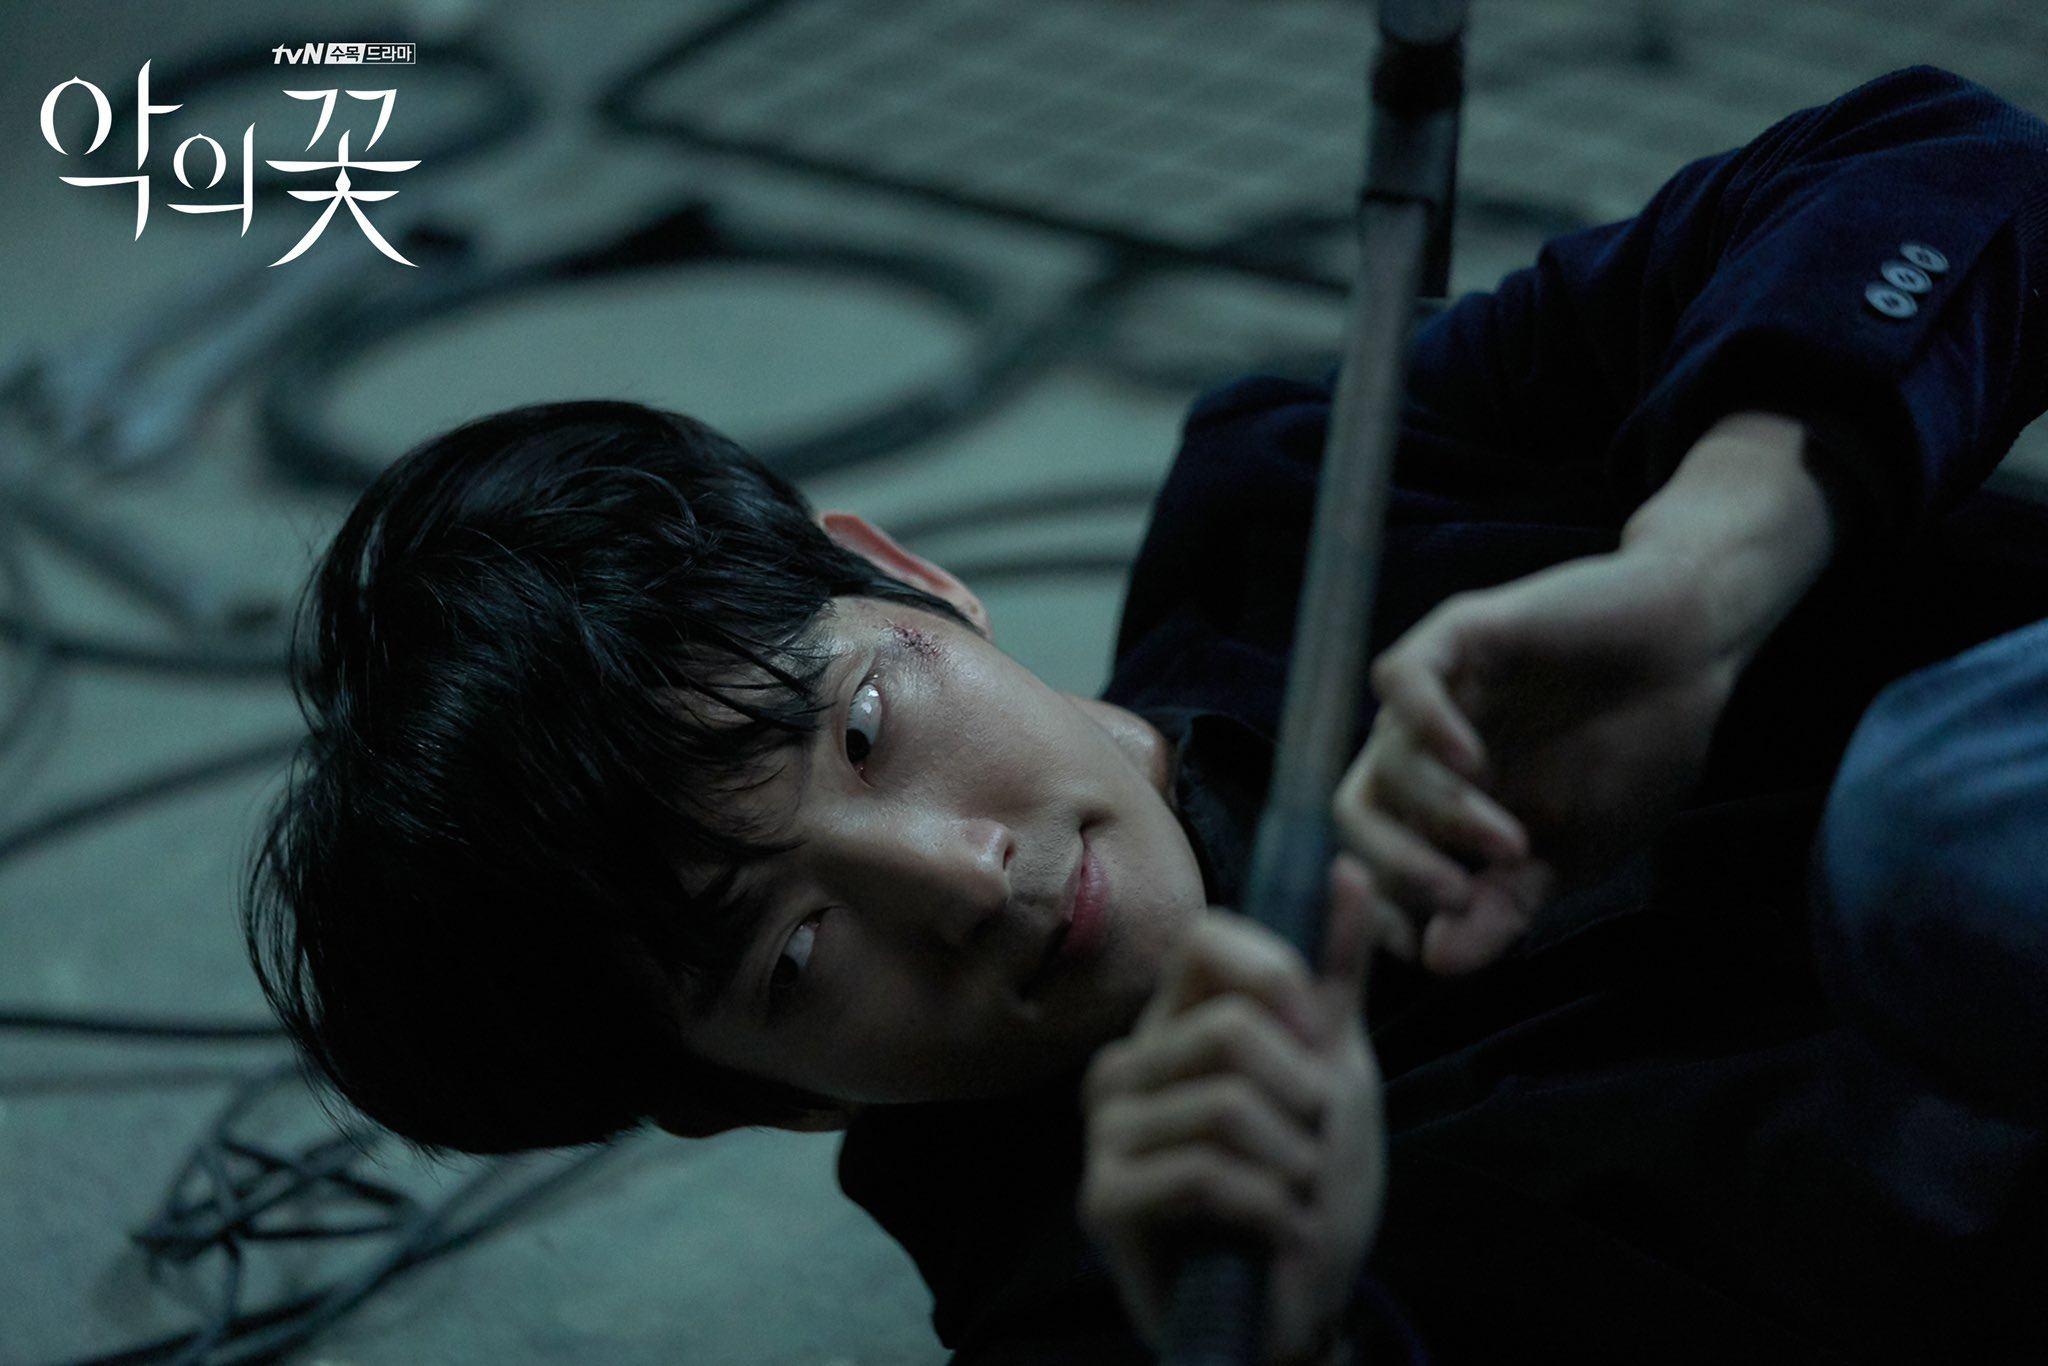 Baek Hee Sung bị chứng rối loạn nhân cách chống đối xã hội và bị mất đi cảm xúc vui buồn của người bình thường